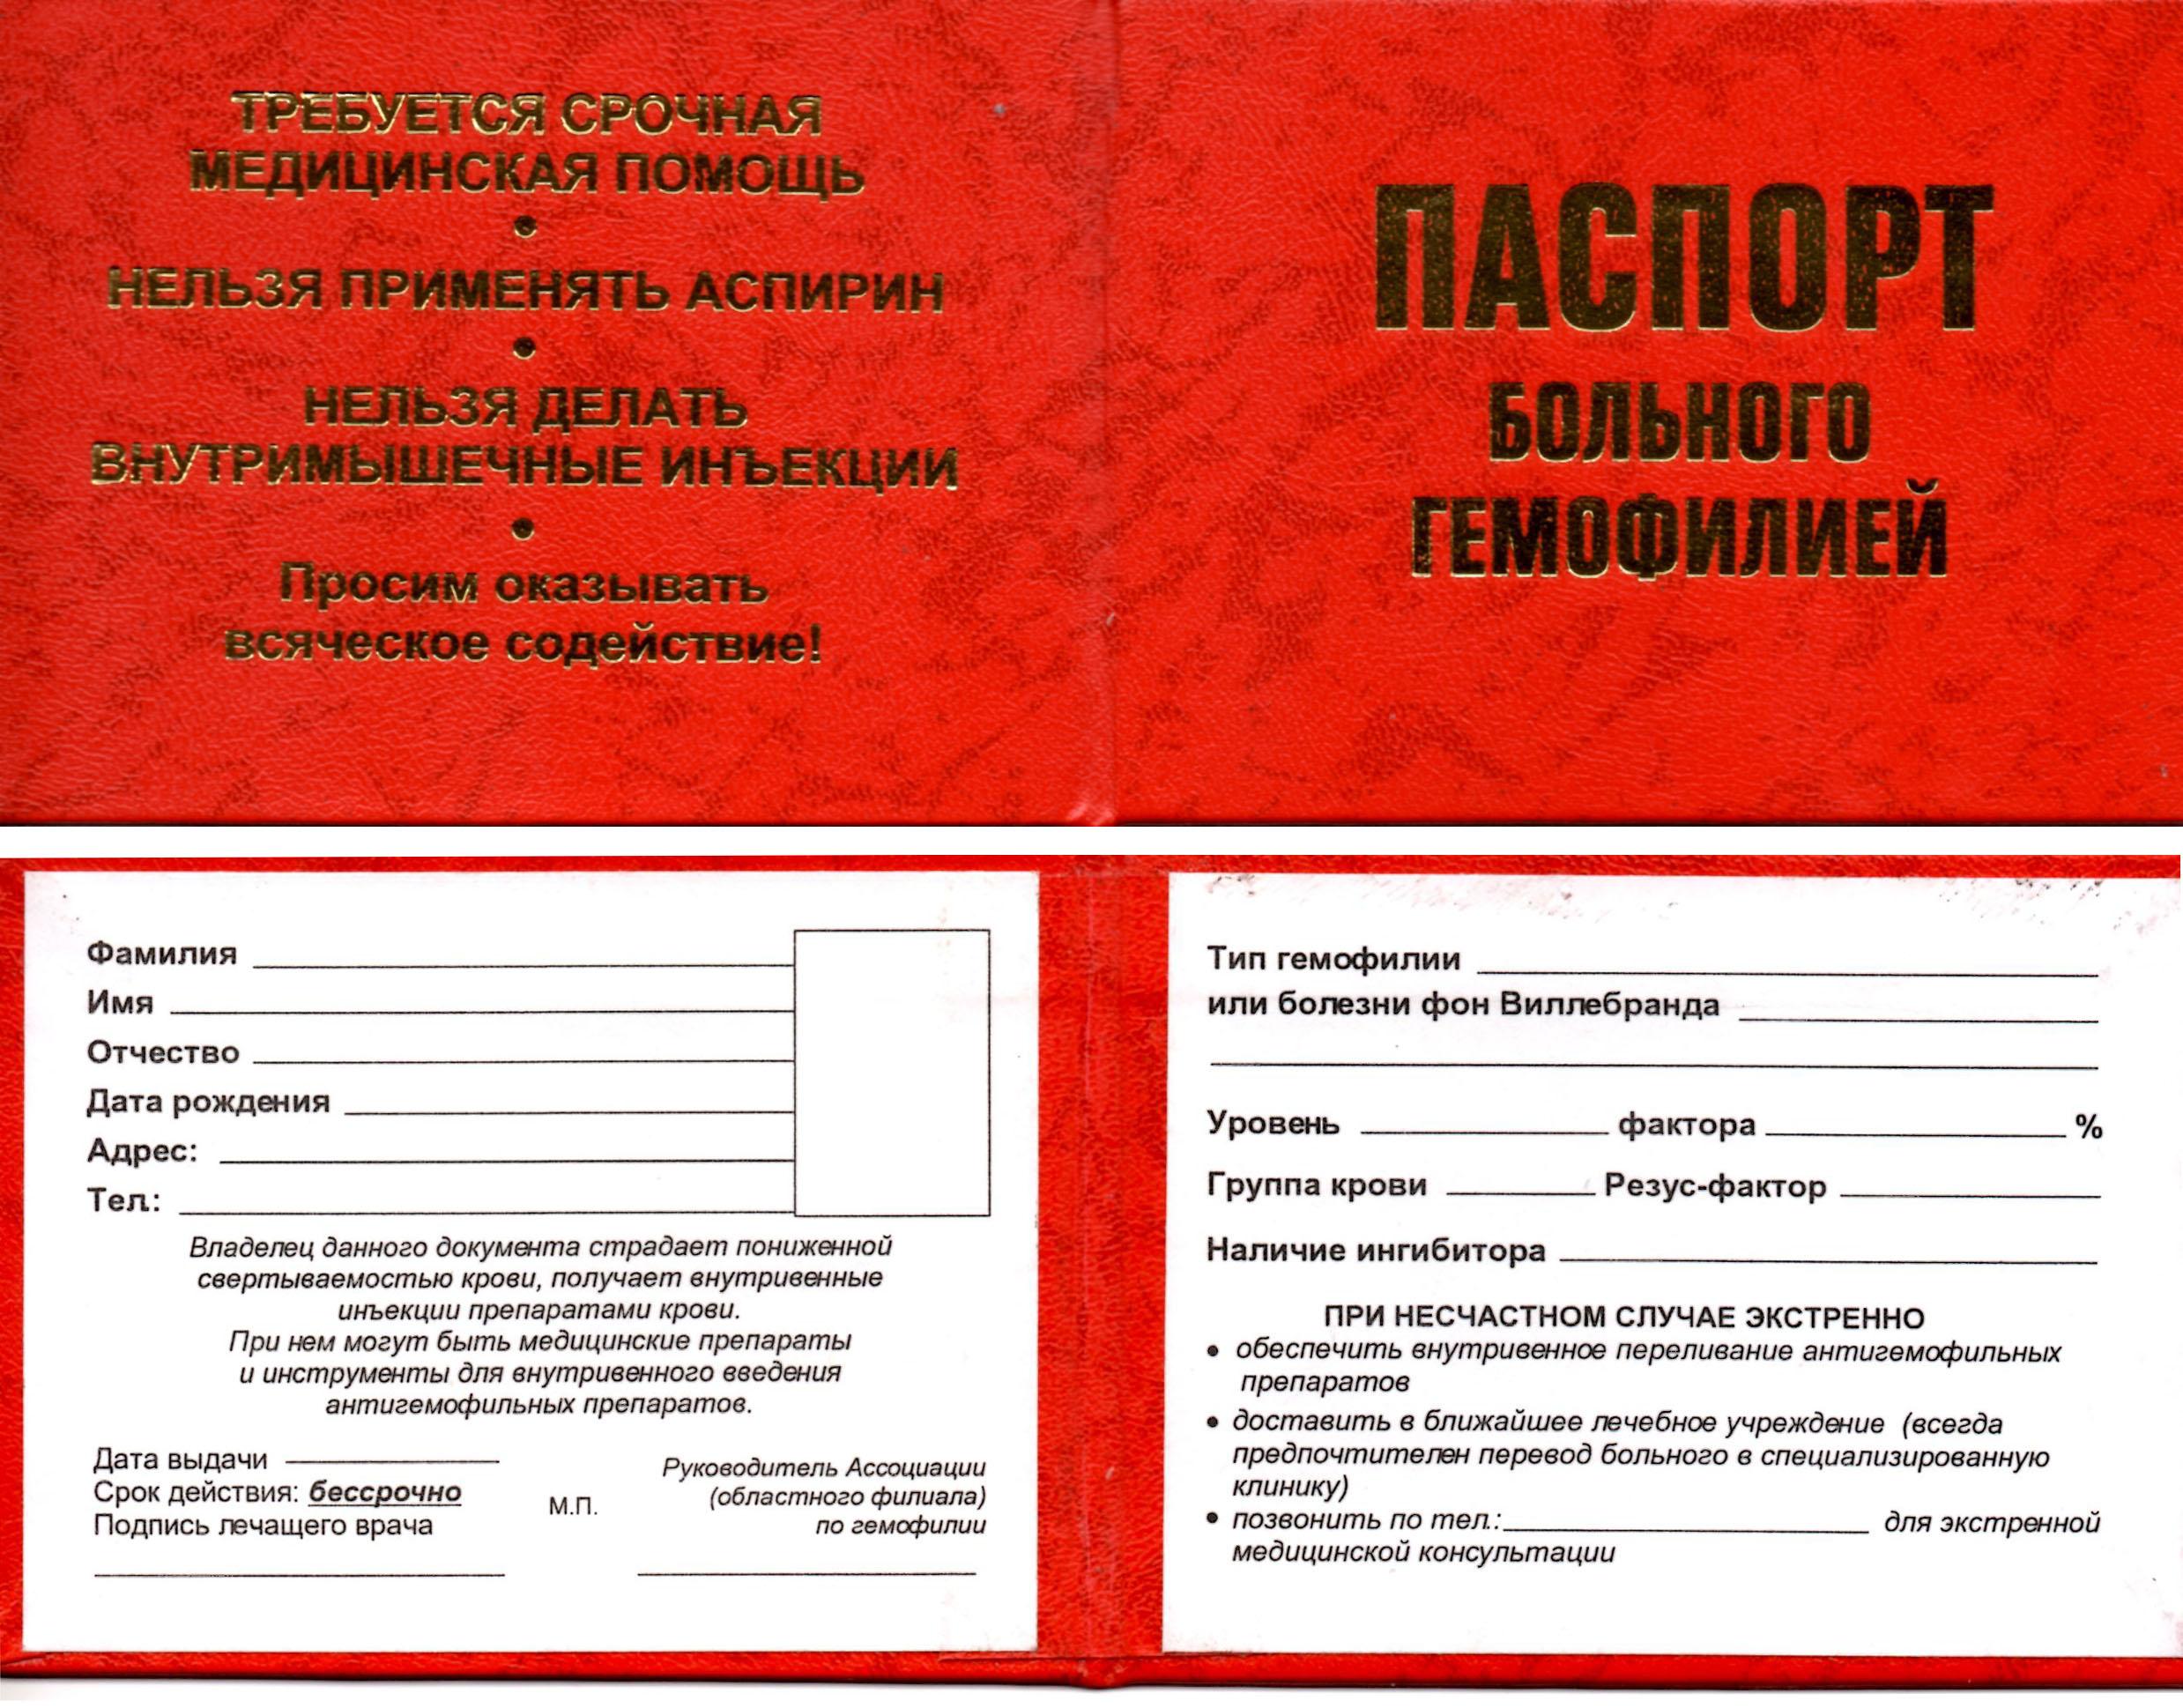 Passport 2007